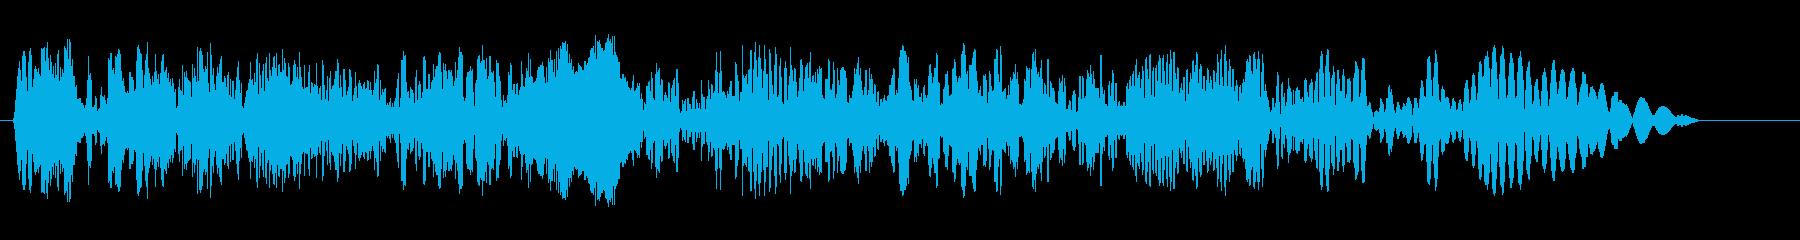 別の空間にジャンプするような不思議な音の再生済みの波形